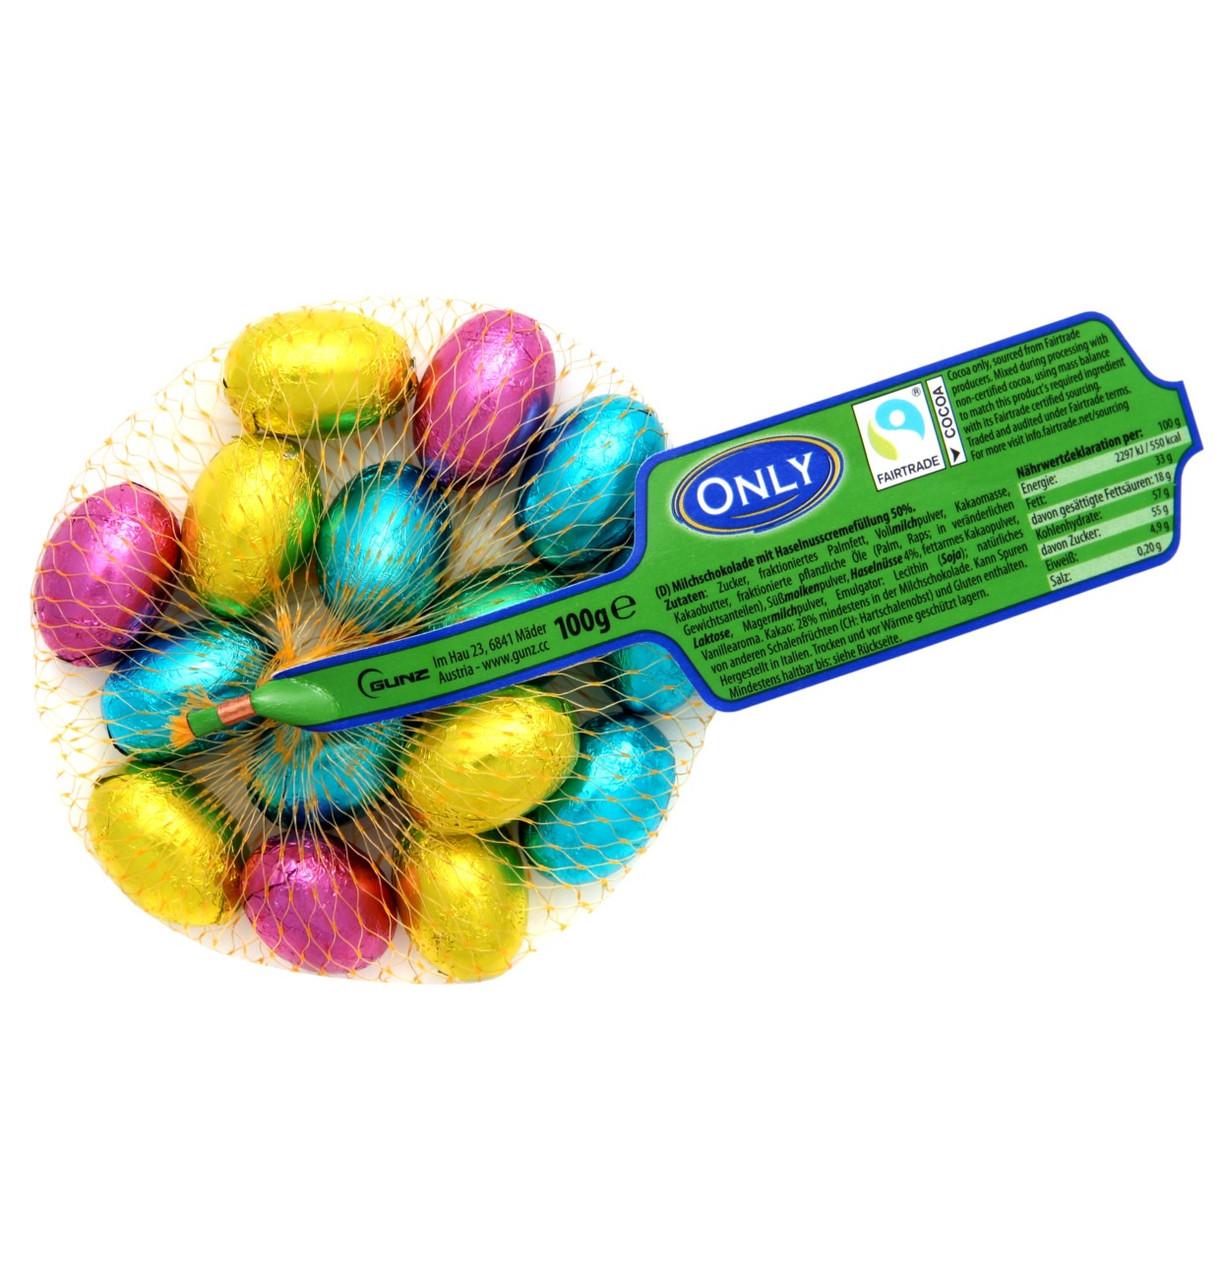 Шоколад молочний (шоколадні цукерки) Яйця кольорові Only сітка 100 г Австрія